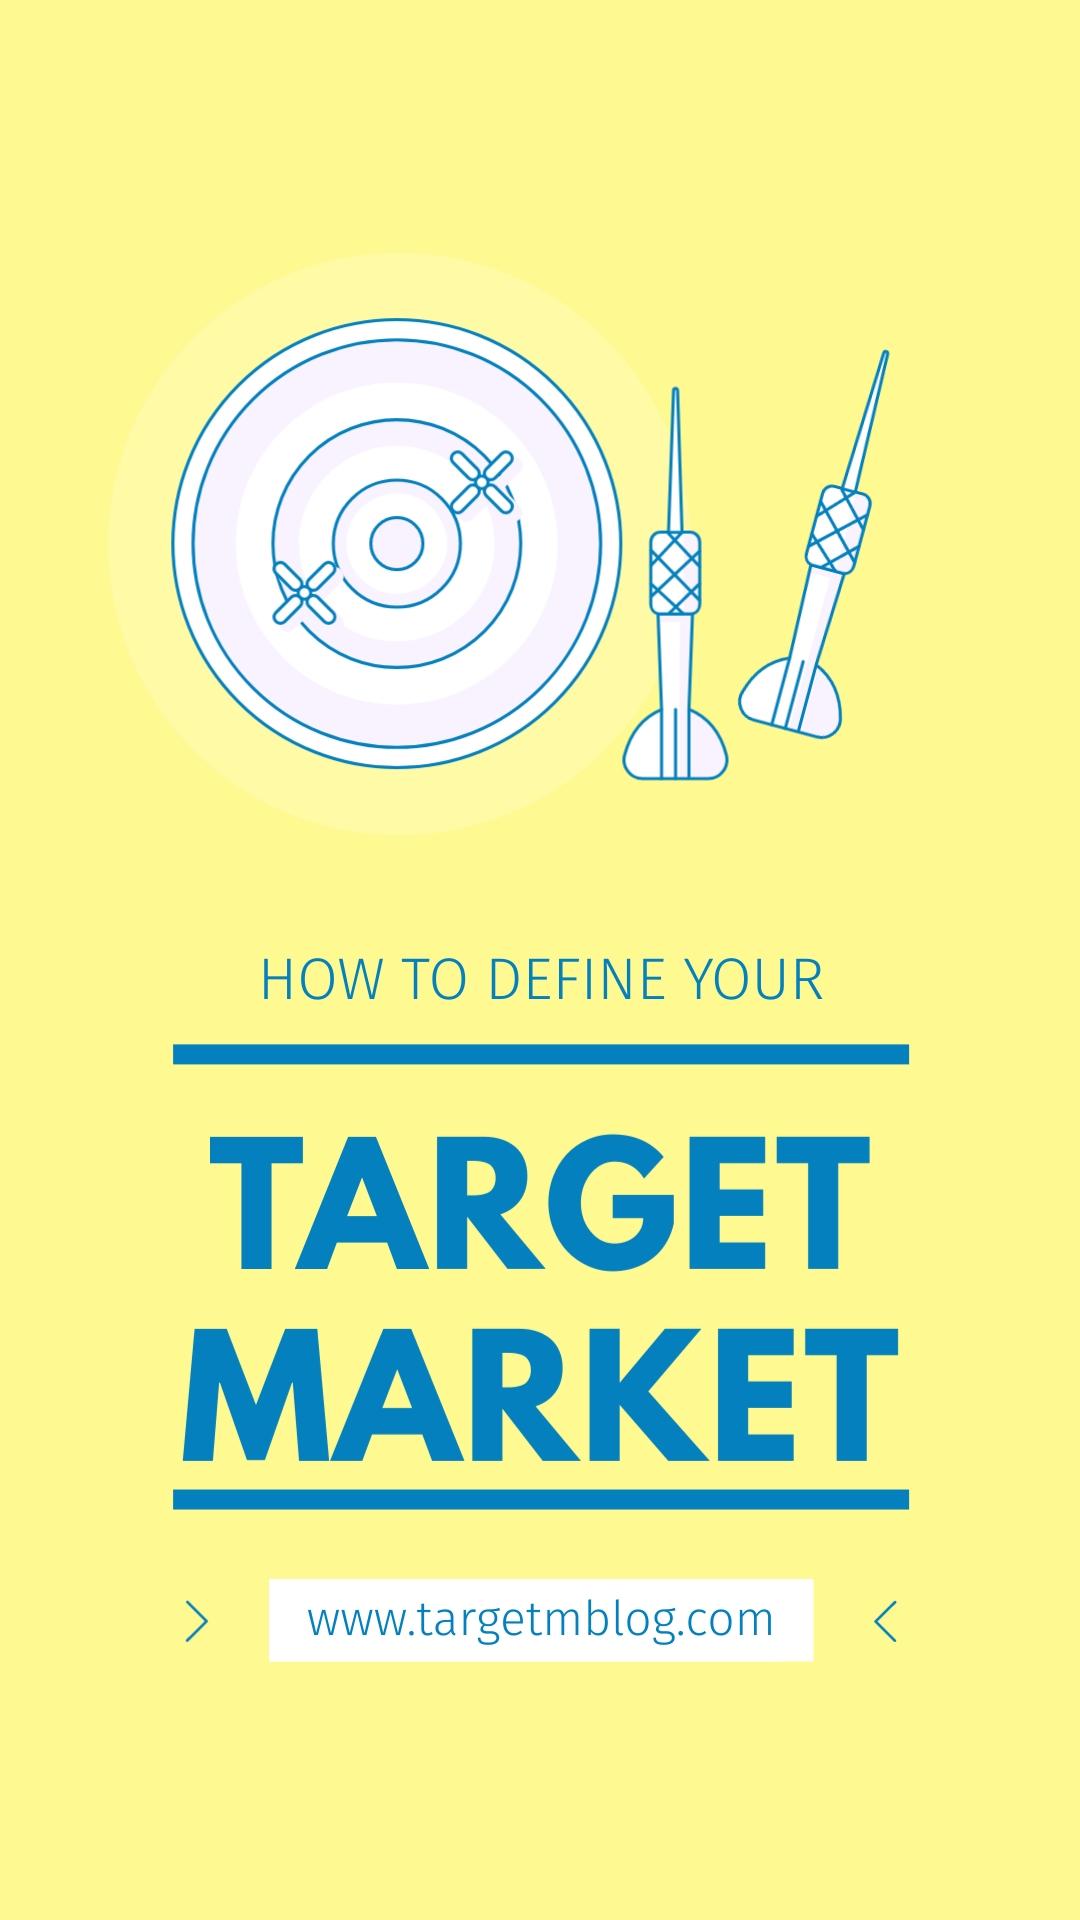 Target Market Vertical Template